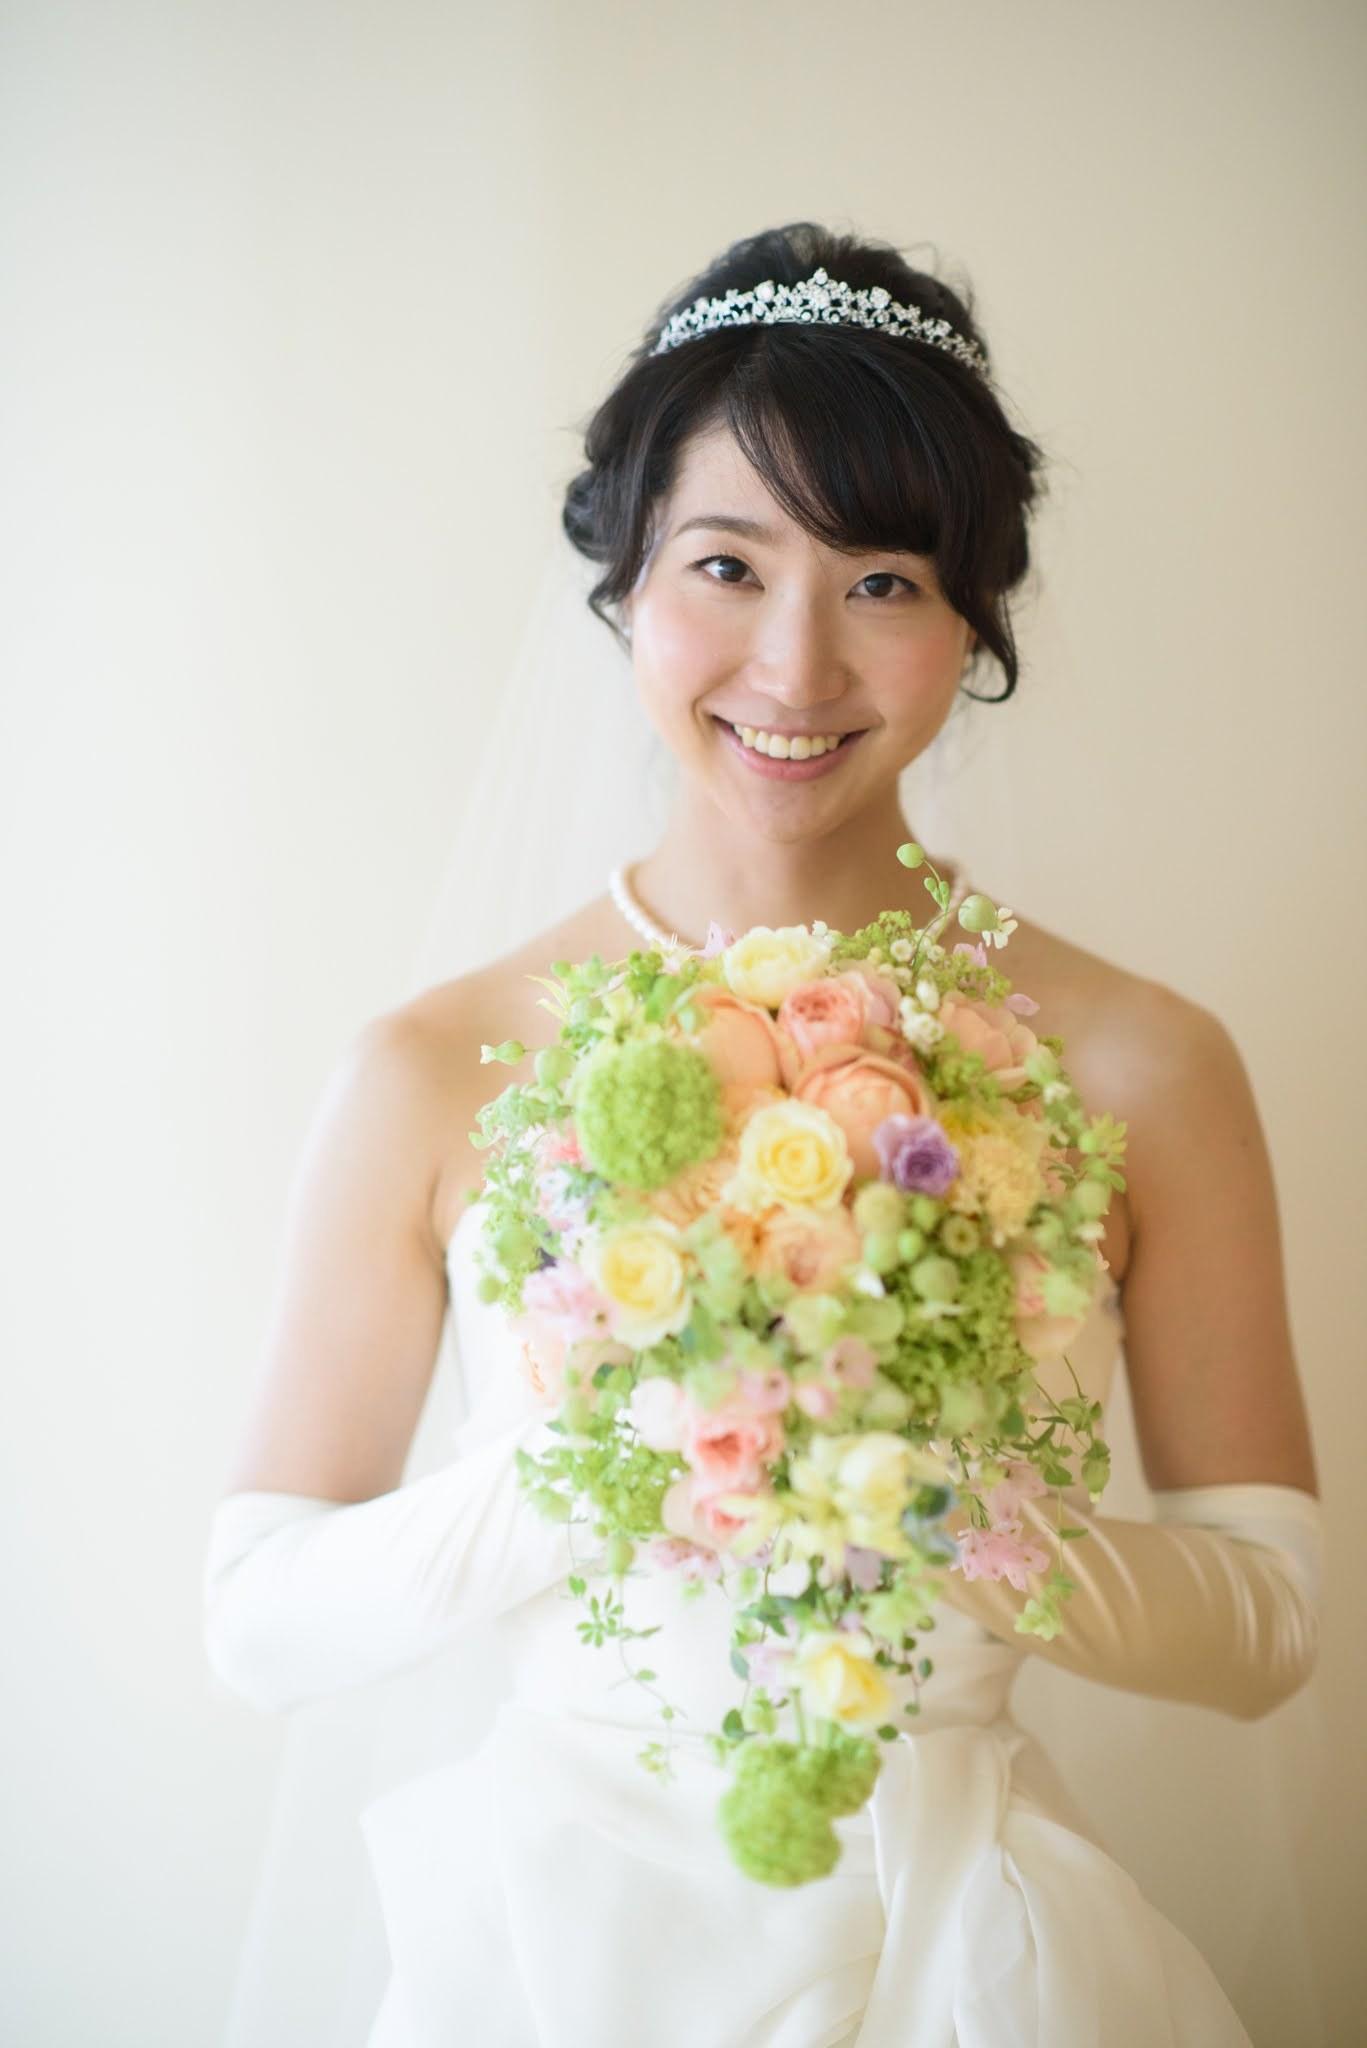 新郎新婦様からのメール ヨコハマグランドインターコンチネンタル様へ KIZUNA、そして26種の花_a0042928_16151908.jpg